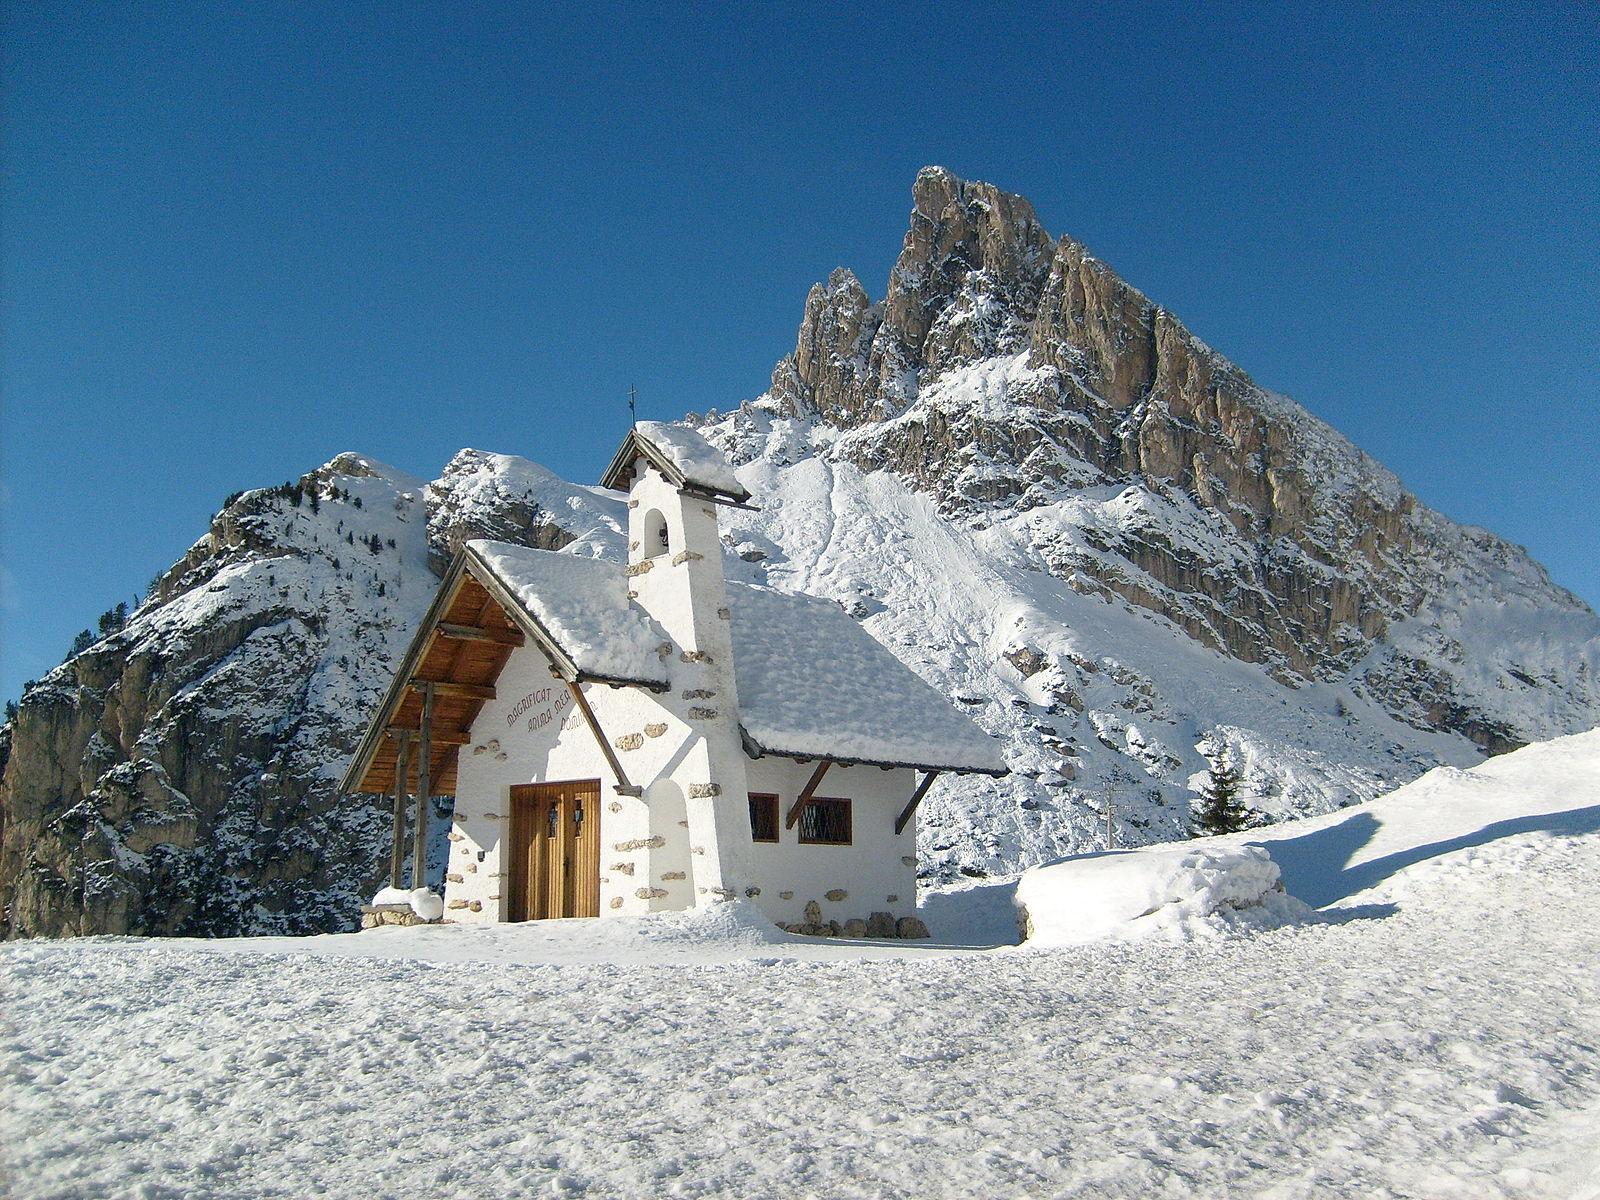 【義大利】健行在阿爾卑斯的絕美秘境:多洛米提山脈 (The Dolomites) 行程規劃全攻略 27